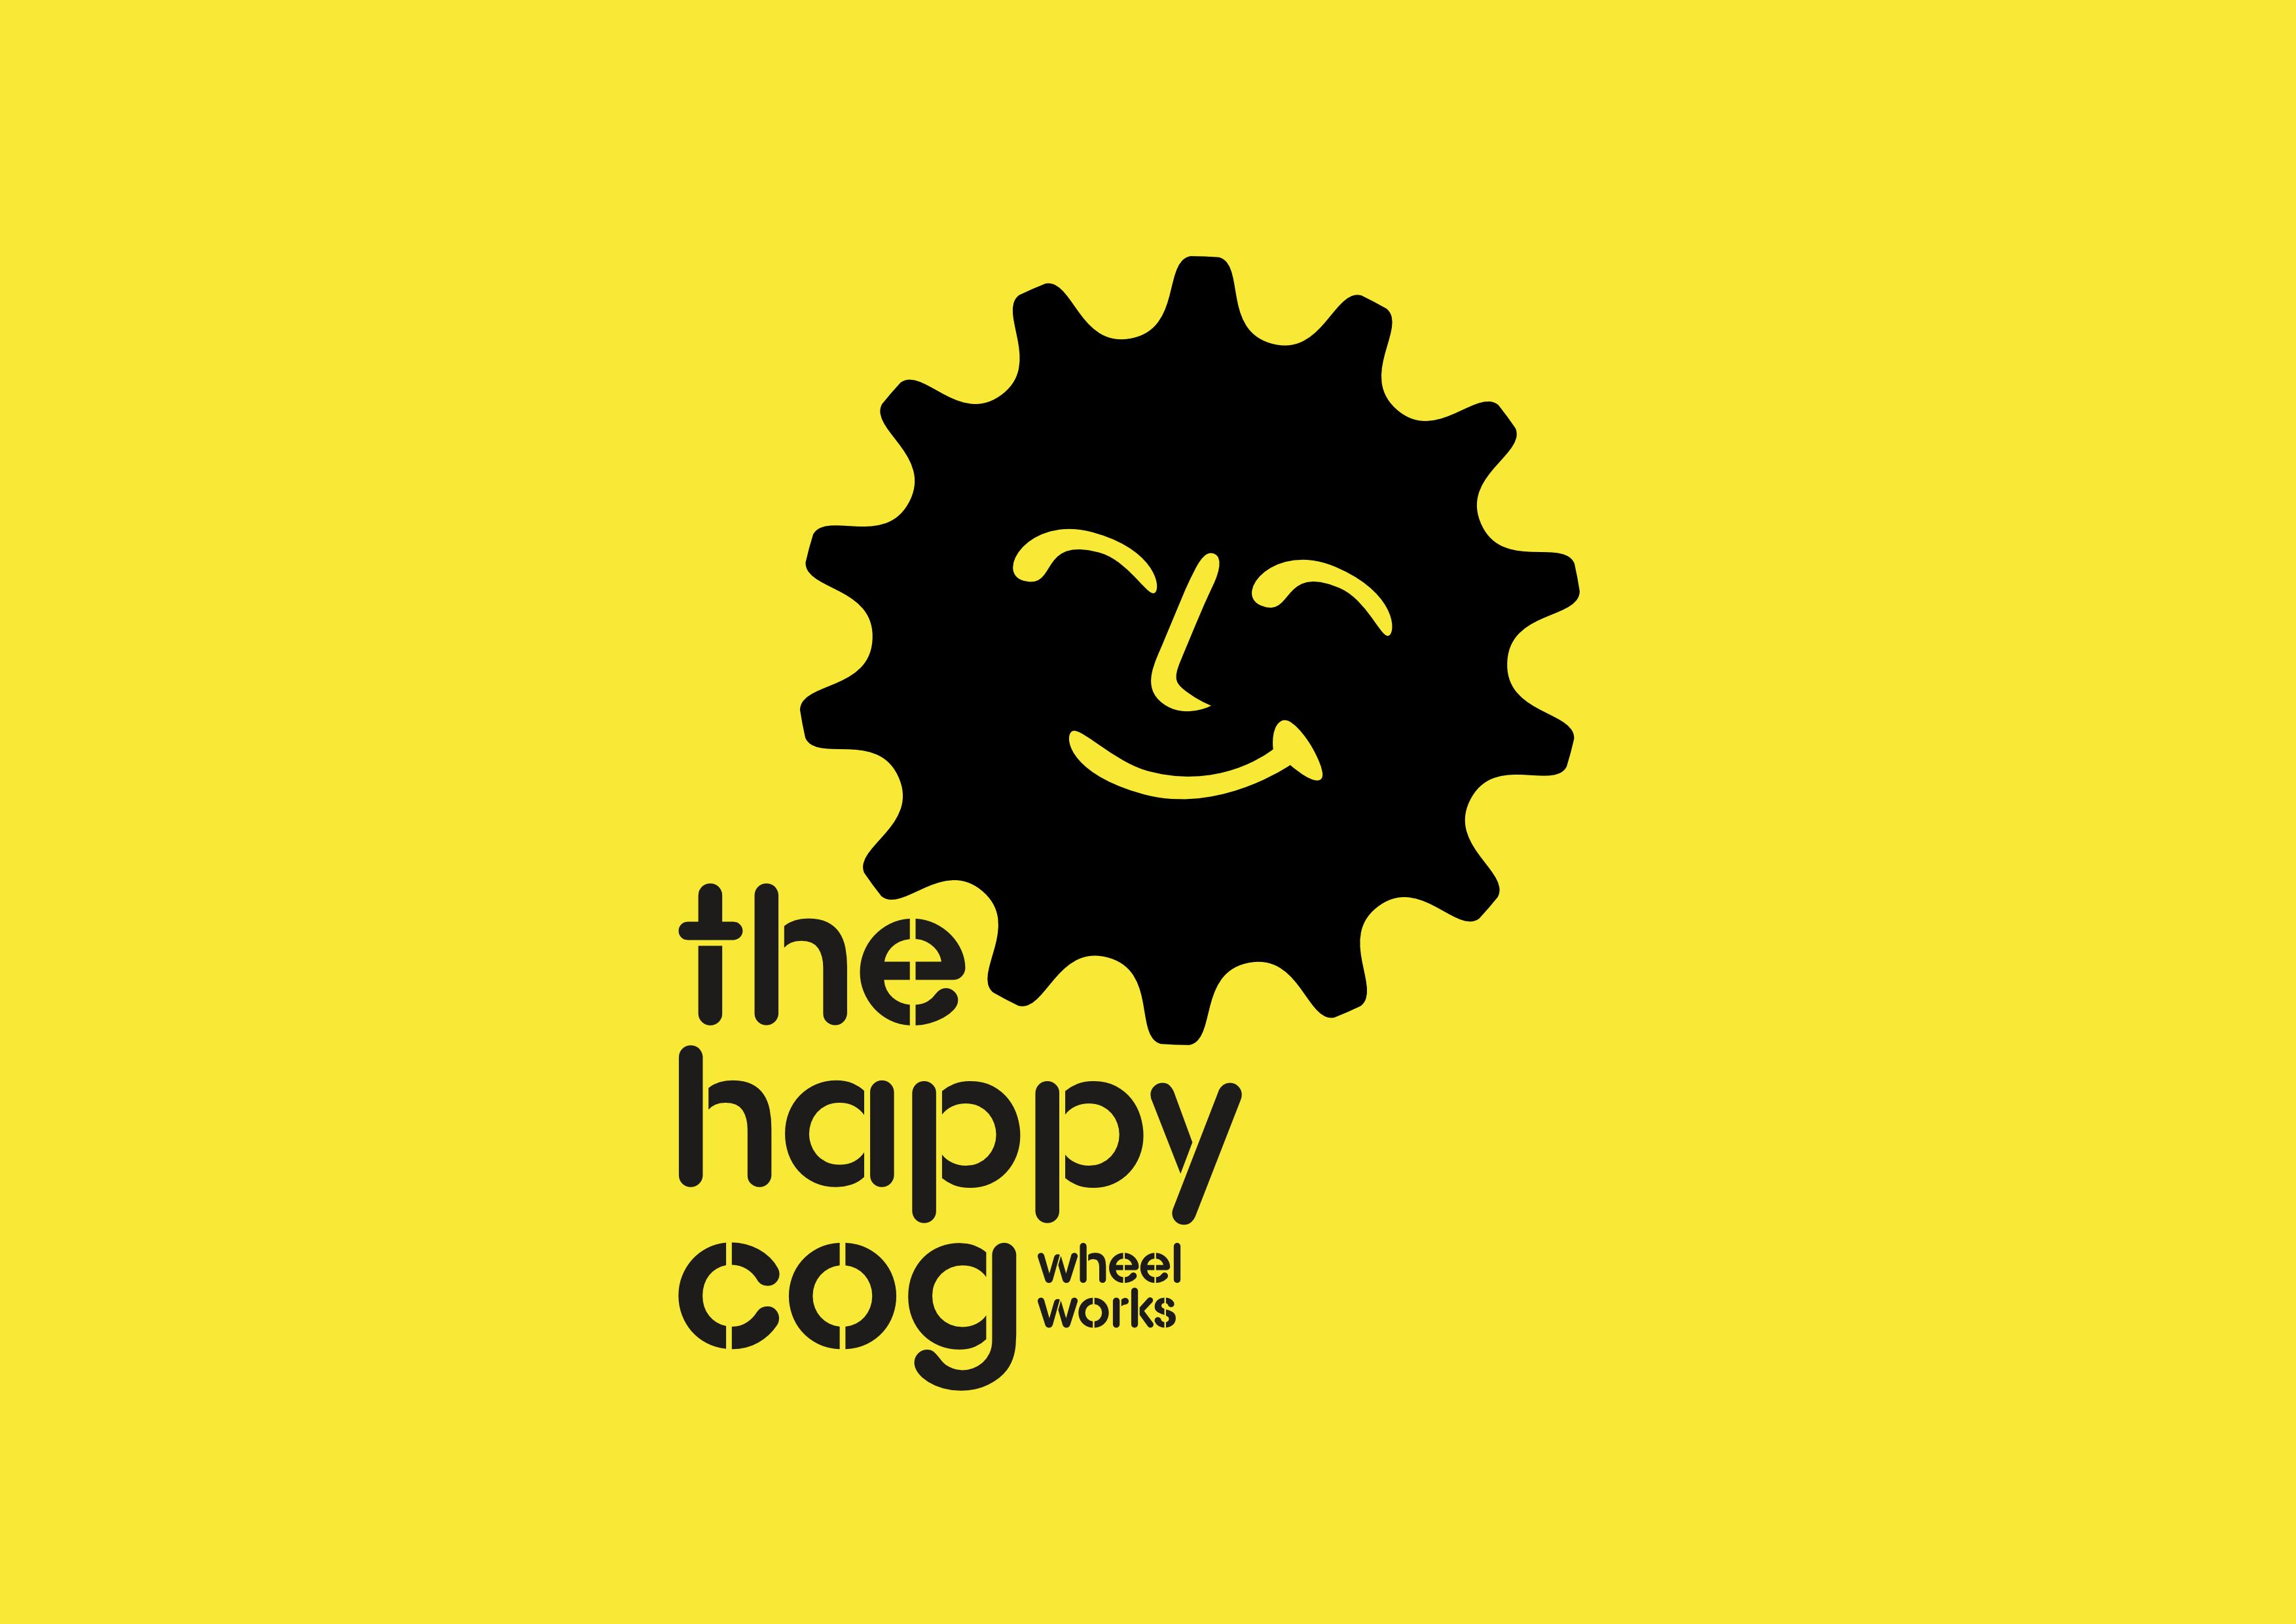 The Happy Cog shop